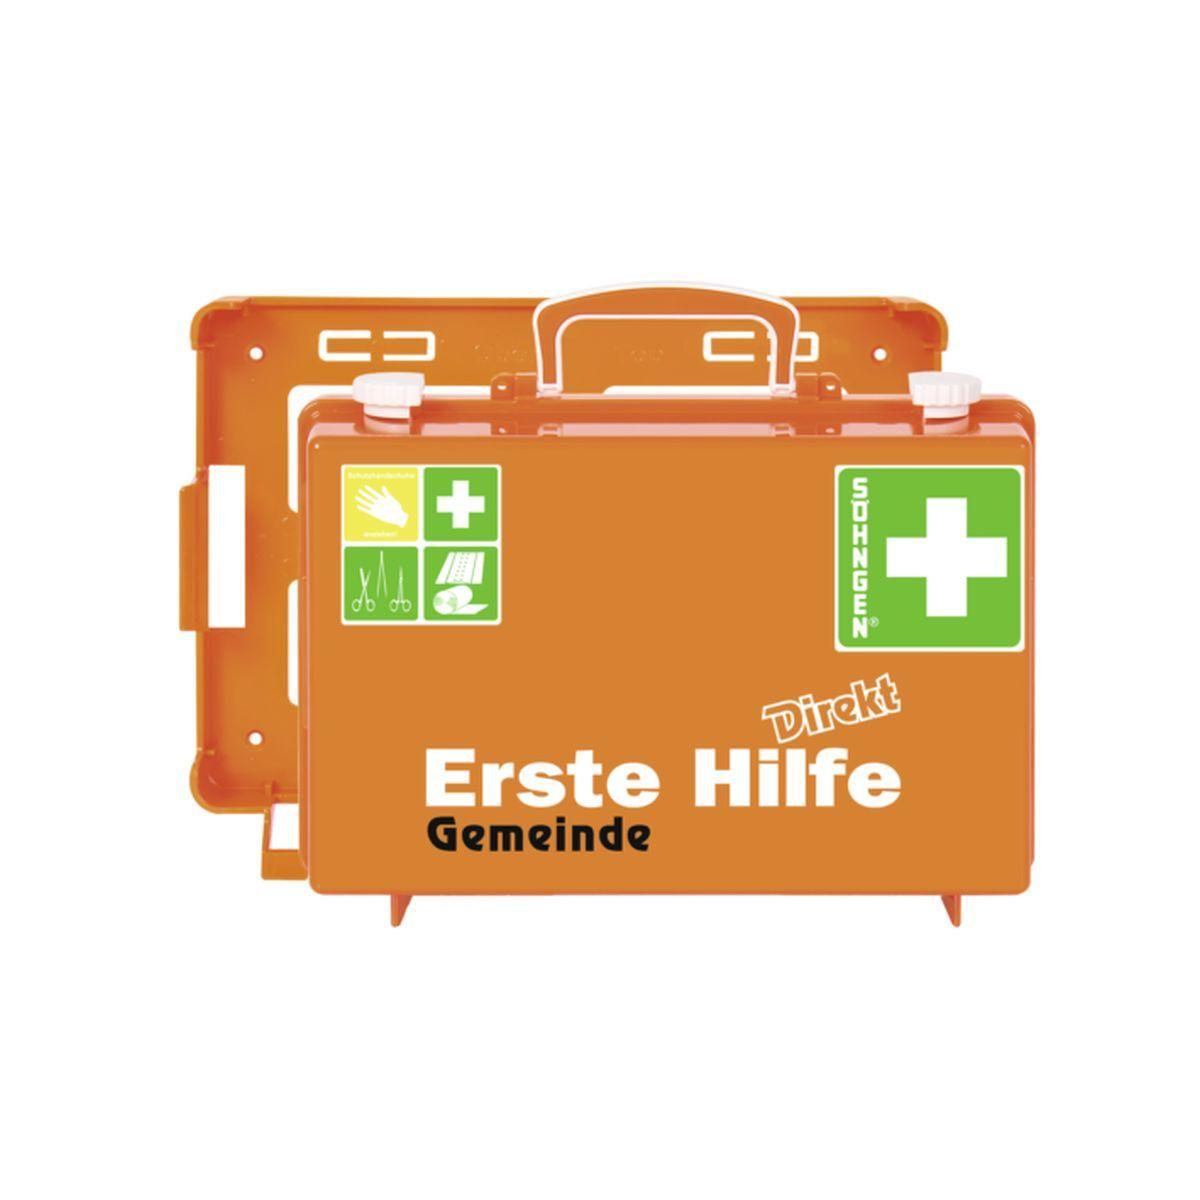 Erste Hilfe Koffer DIN 13157 DIREKT, Gemeinde